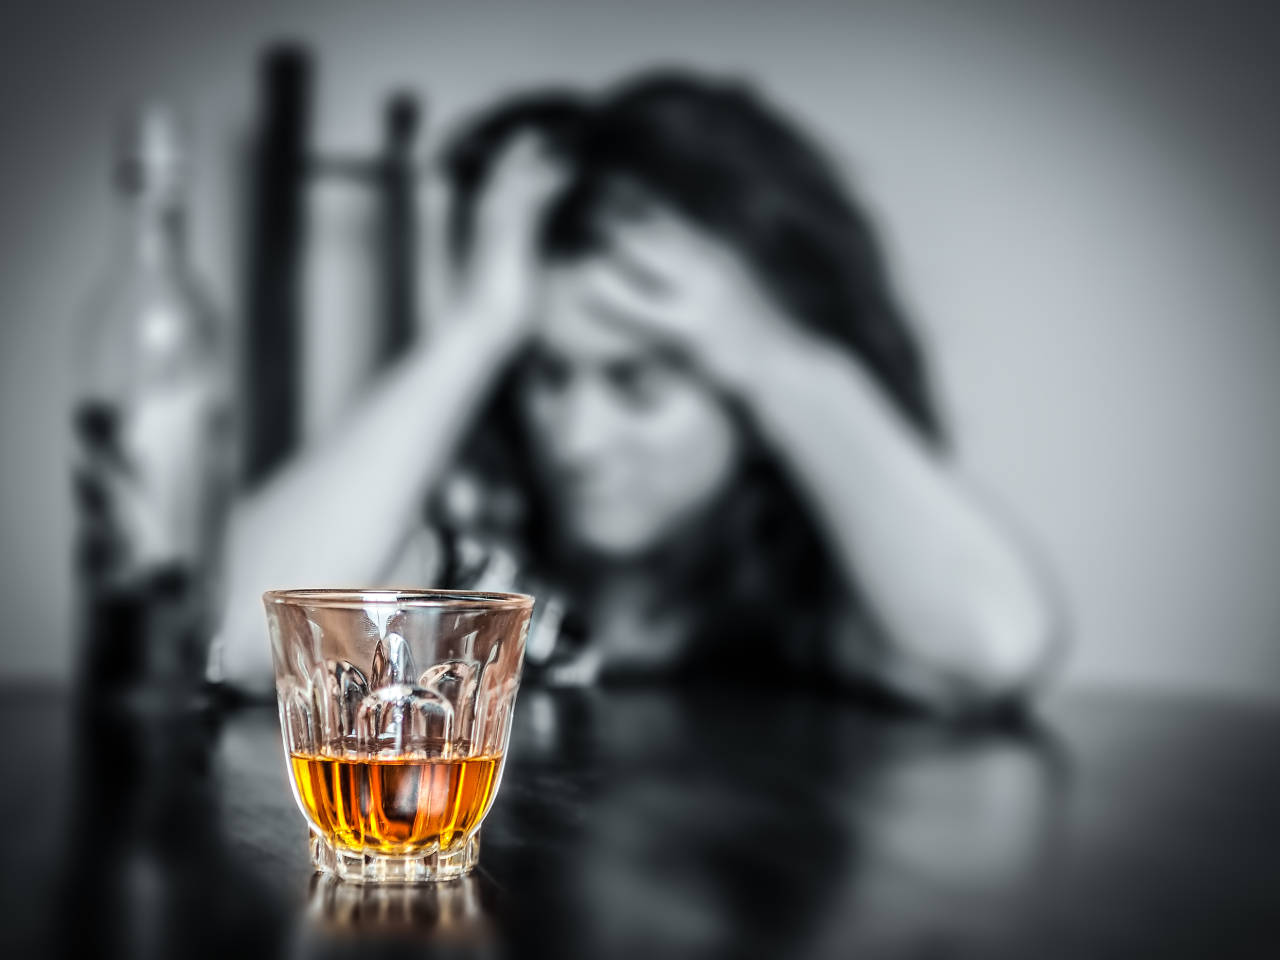 Aumenta consumo de alcohol en el Istmo | El Imparcial de Oaxaca